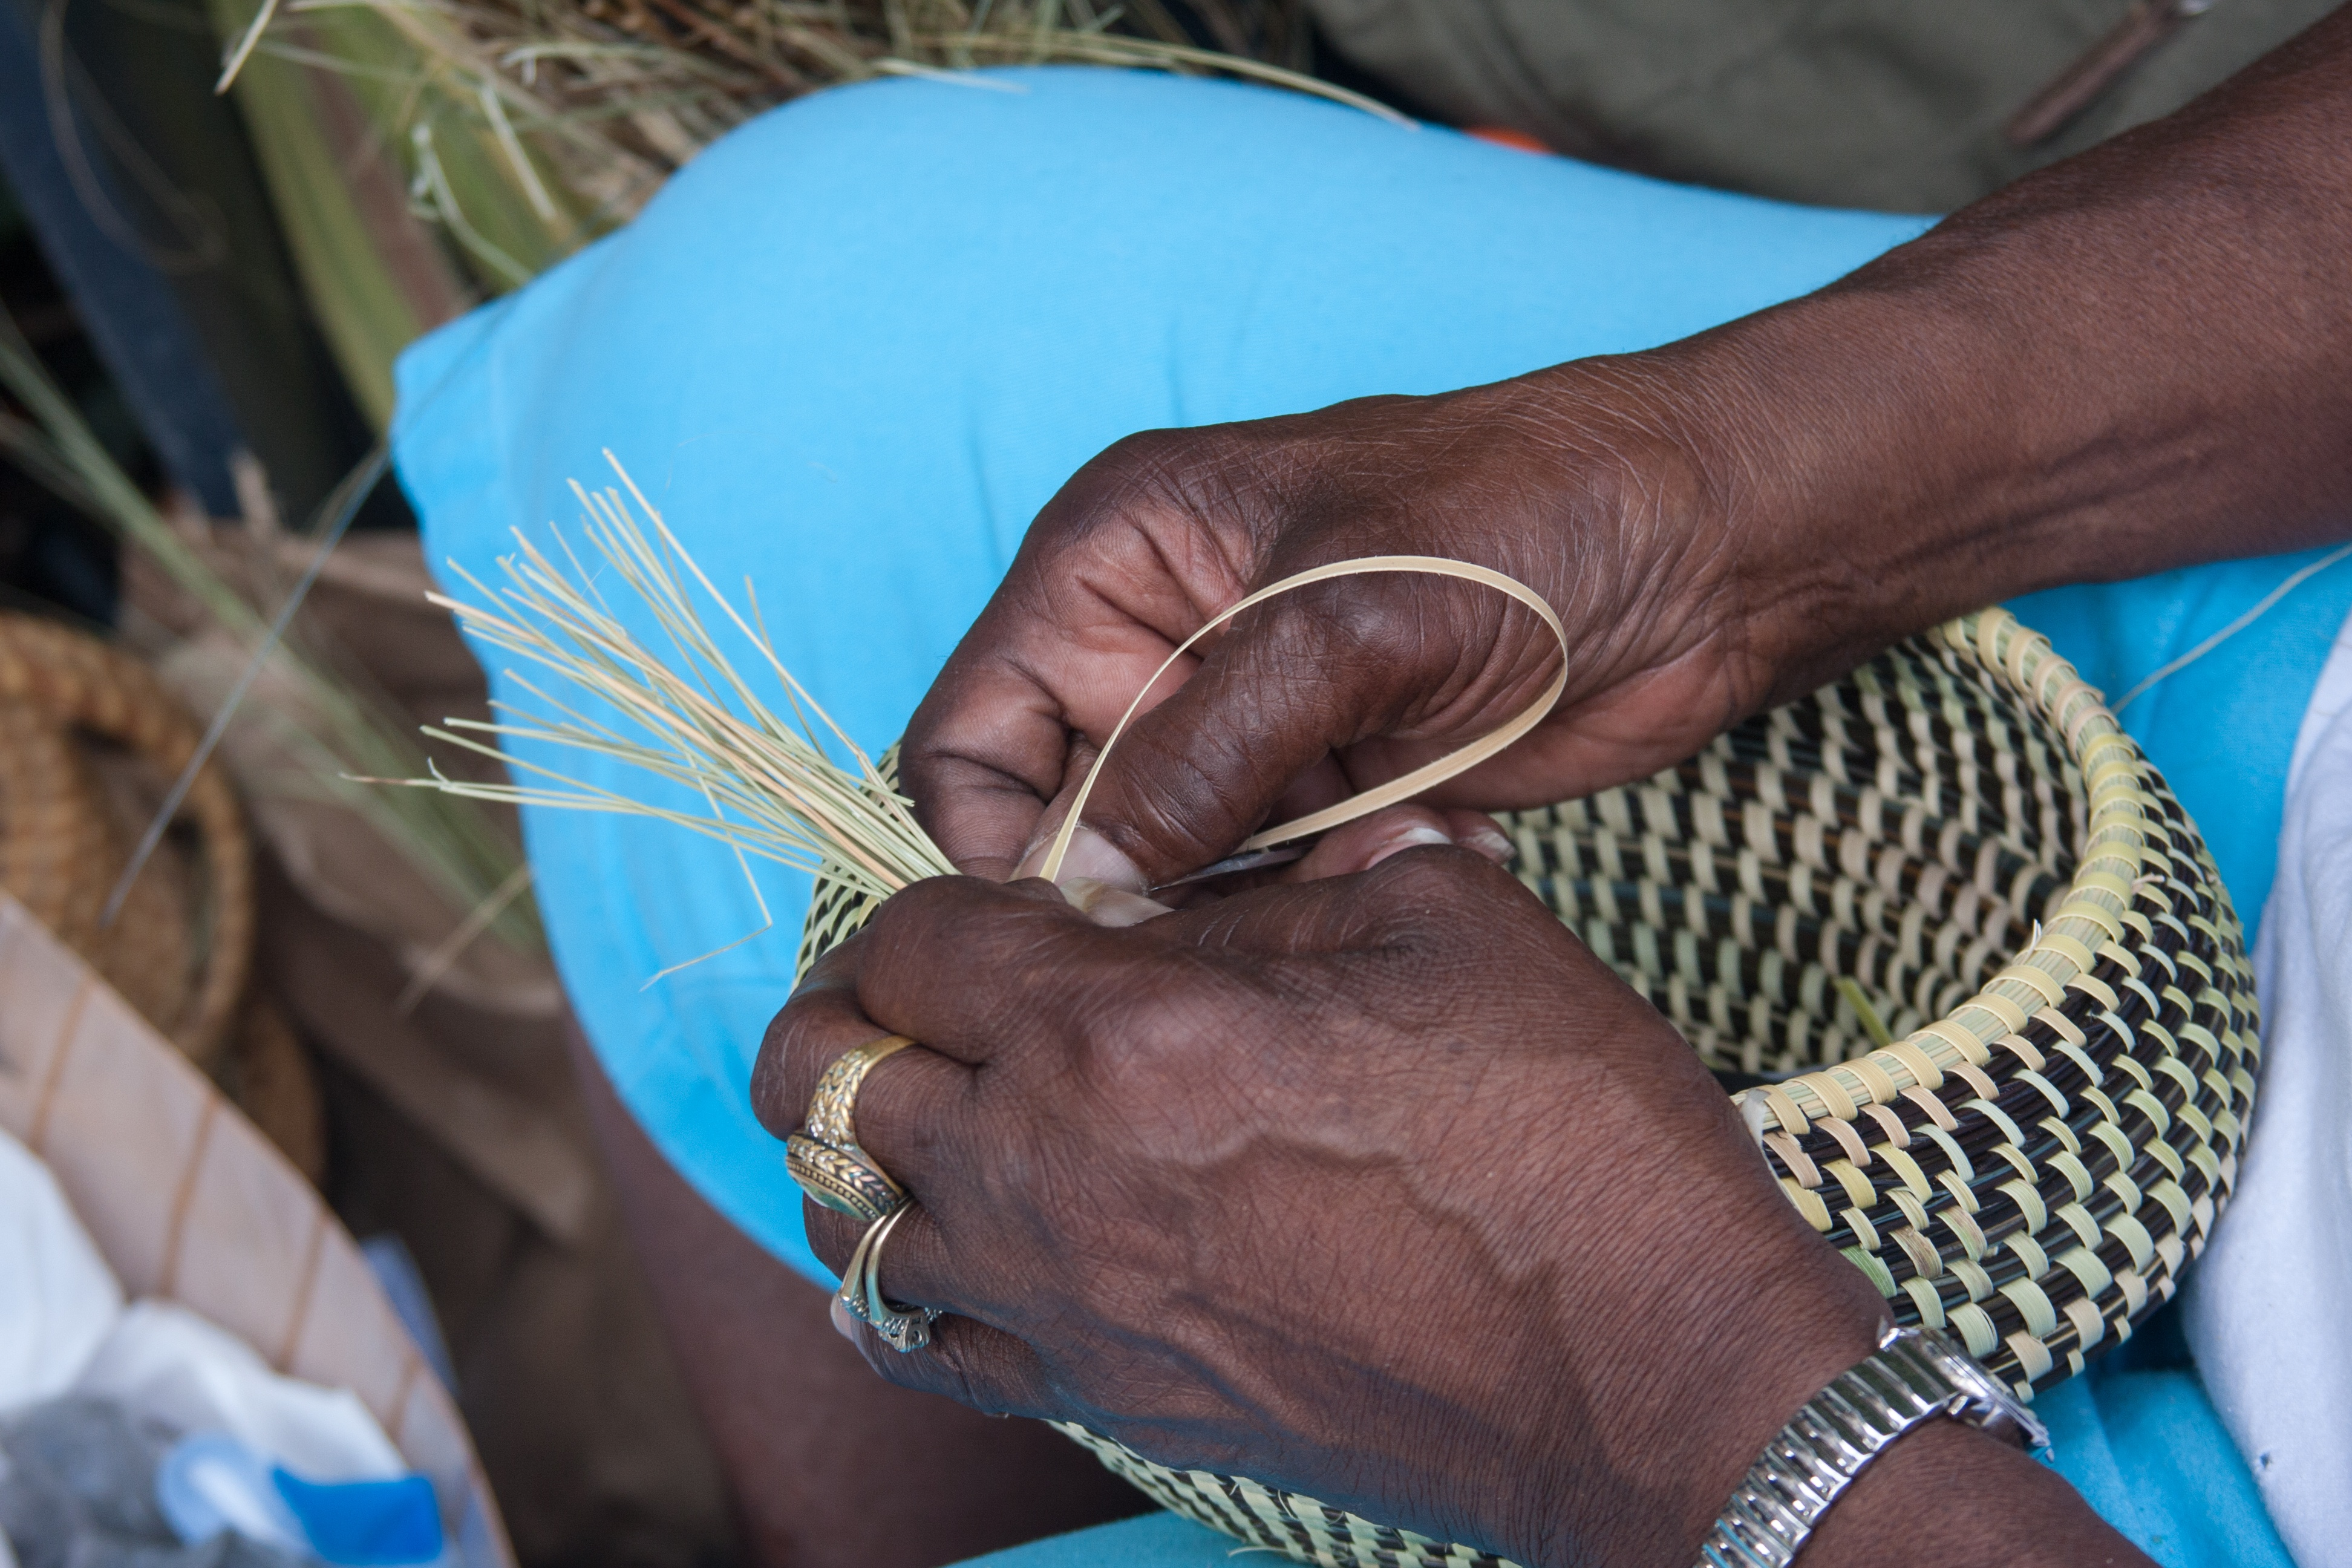 bigstock-Gullah-Basket-Weaving-45028168.jpg